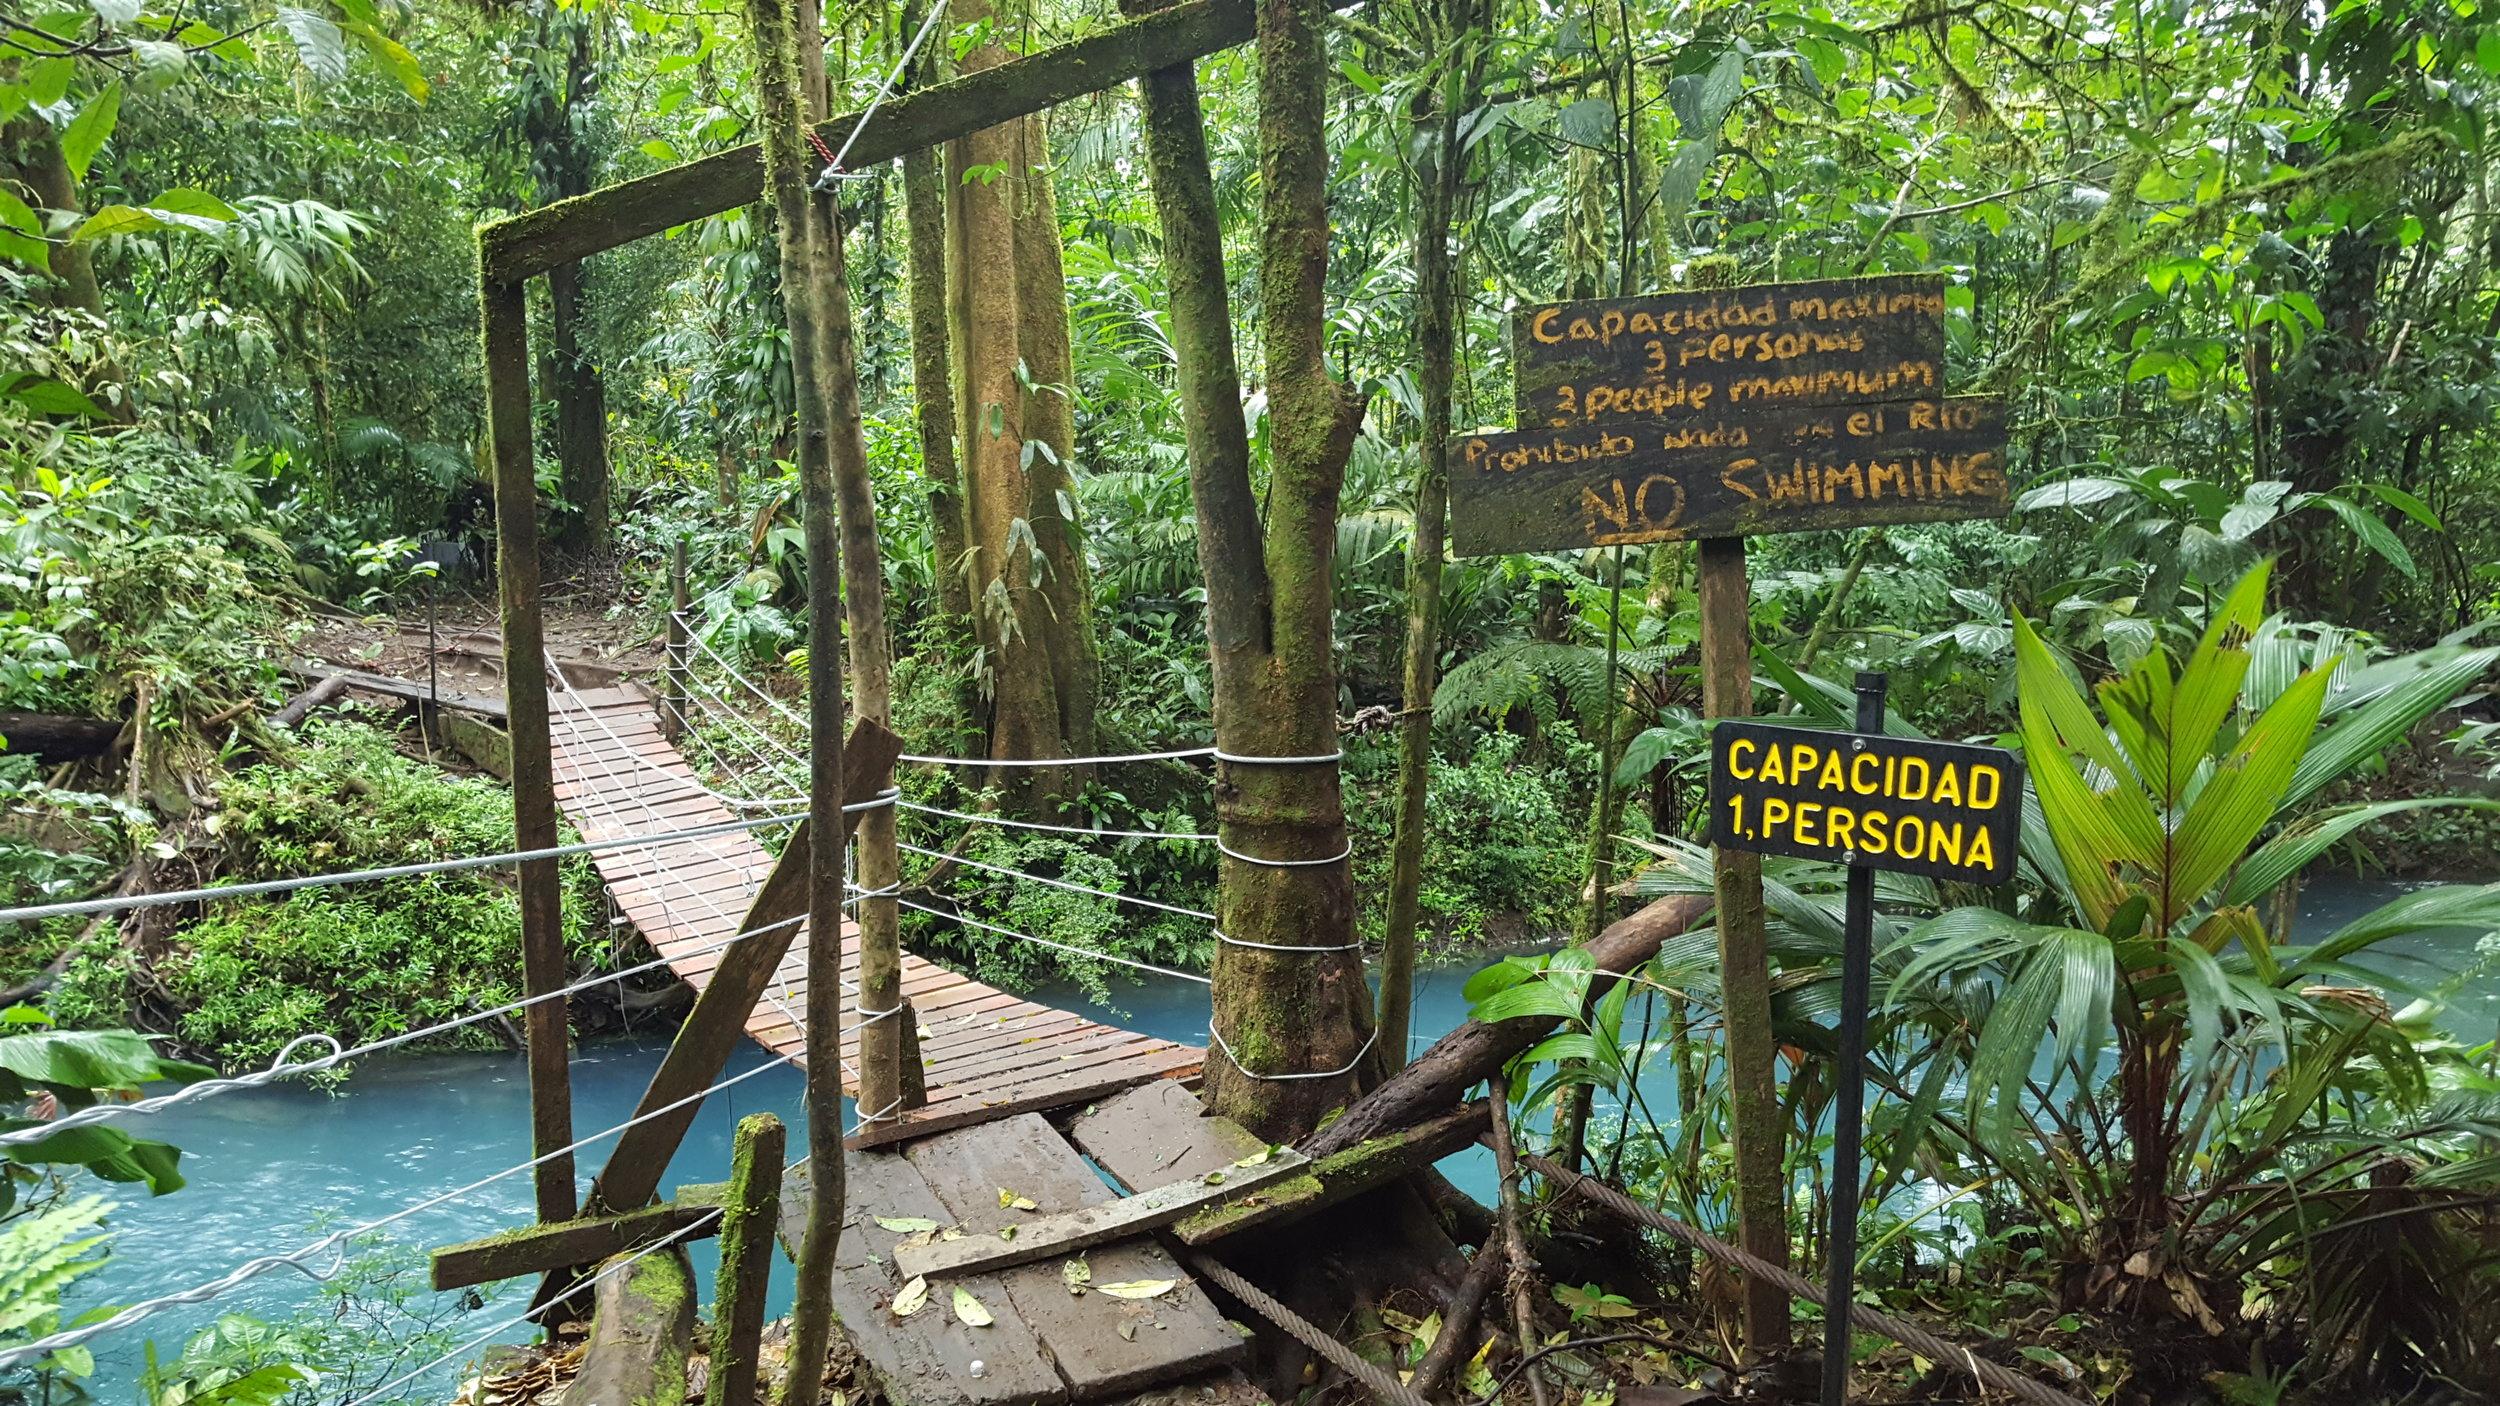 11 - Tenorio national park Rio Celeste river - swinging bridge.jpg